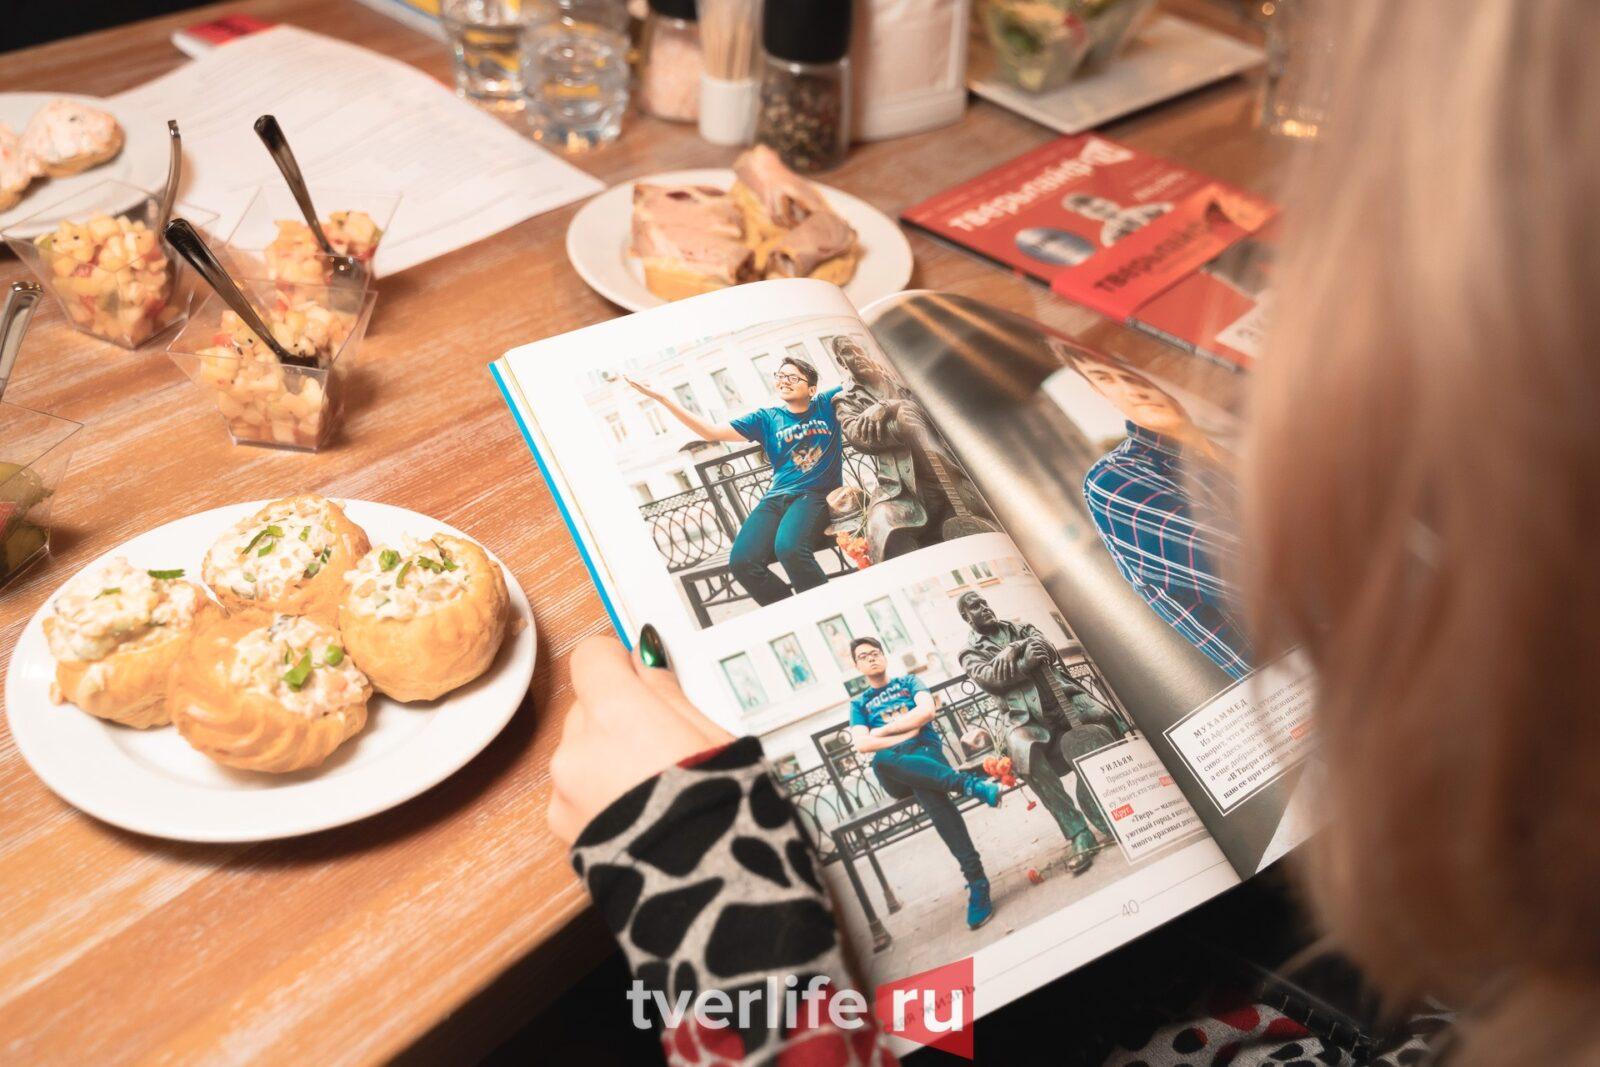 Презентация пилотного выпуска журнала Тверьлайф